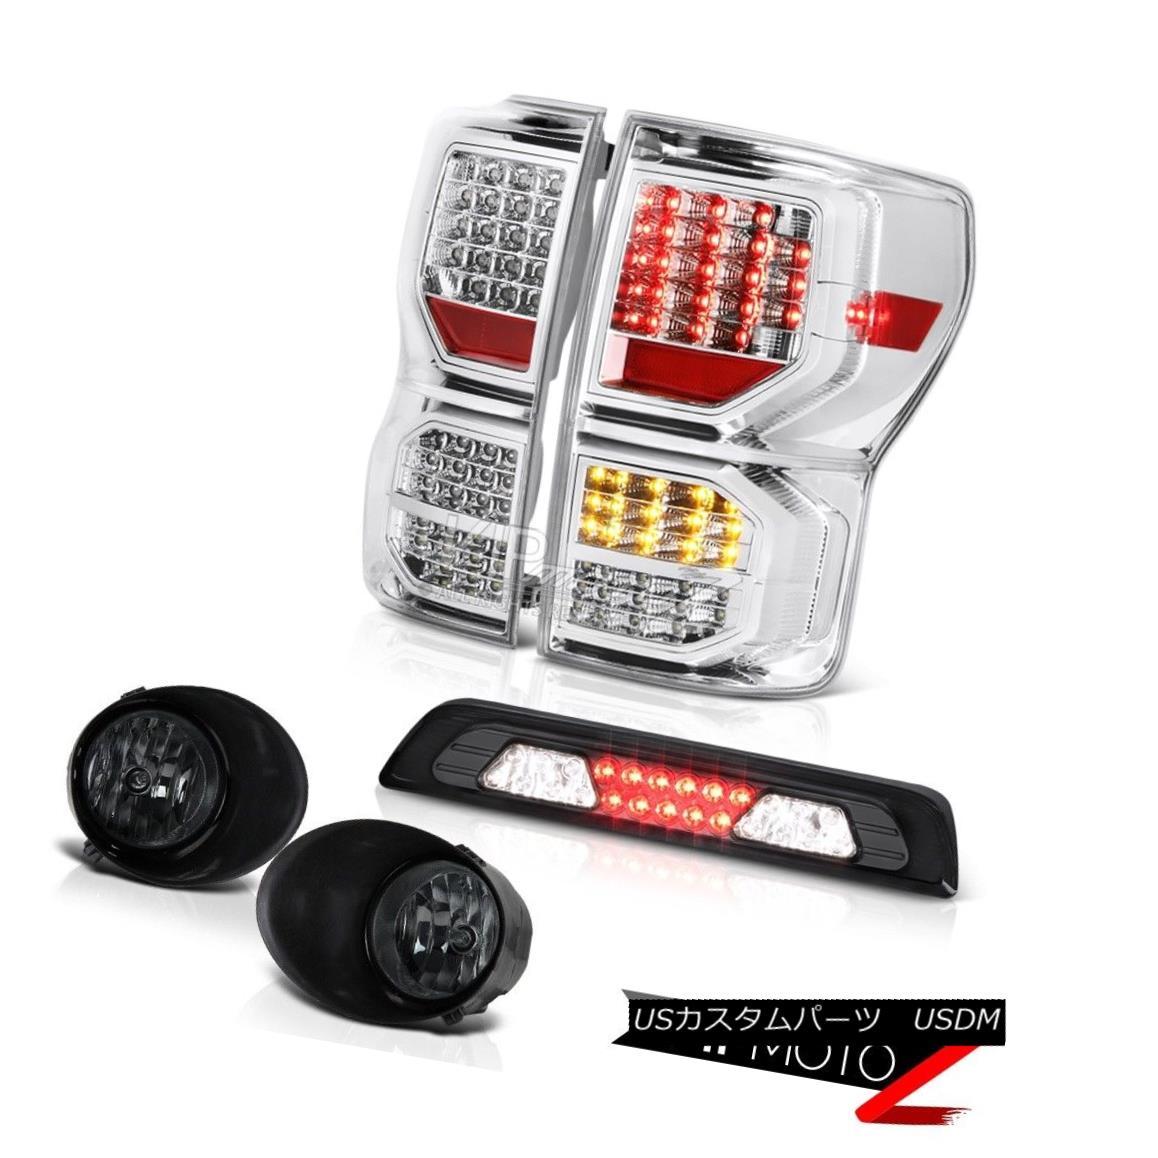 テールライト 07-13 Toyota Tundra Limited Rear Brake Lamps Smoked Fog Third Lamp